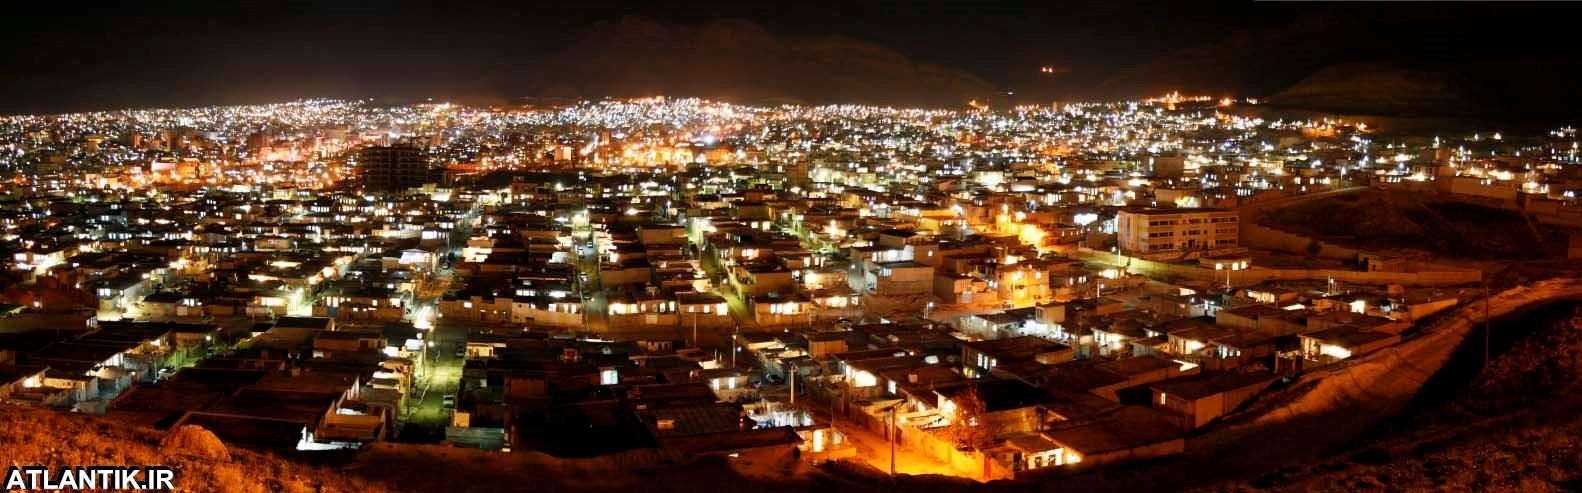 عکس هوایی از ارتفاعات کوه های ایلام در شب